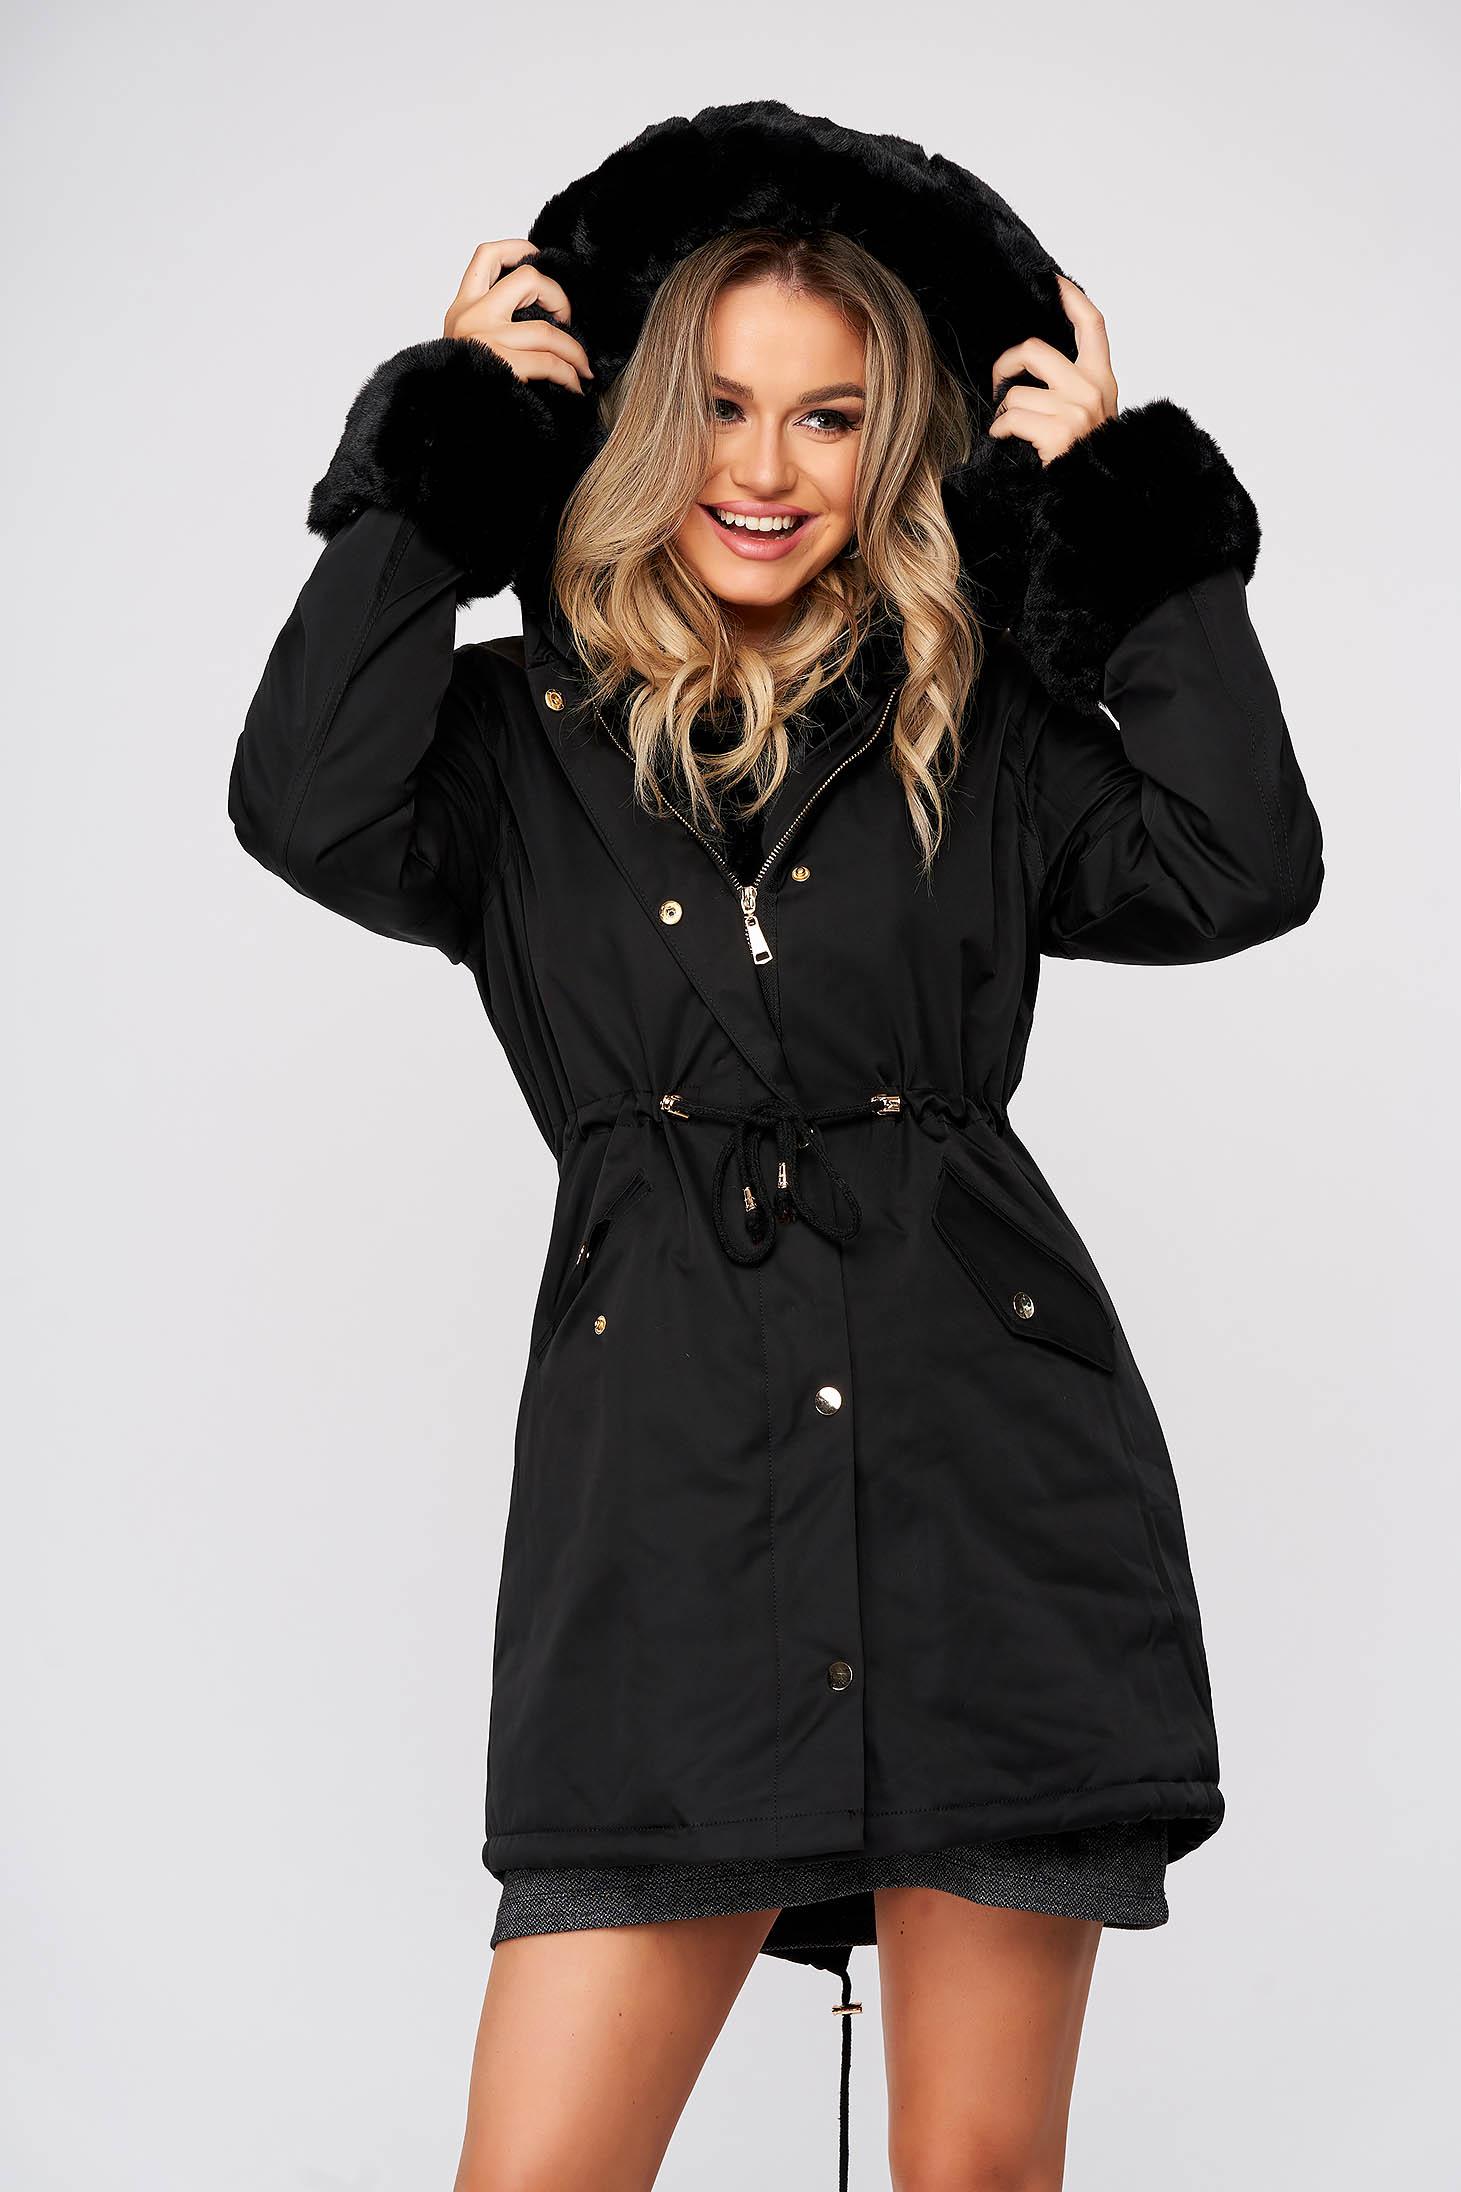 Fekete casual dzseki vastag textil anyagból bundabélessel ellátva zsebekkel